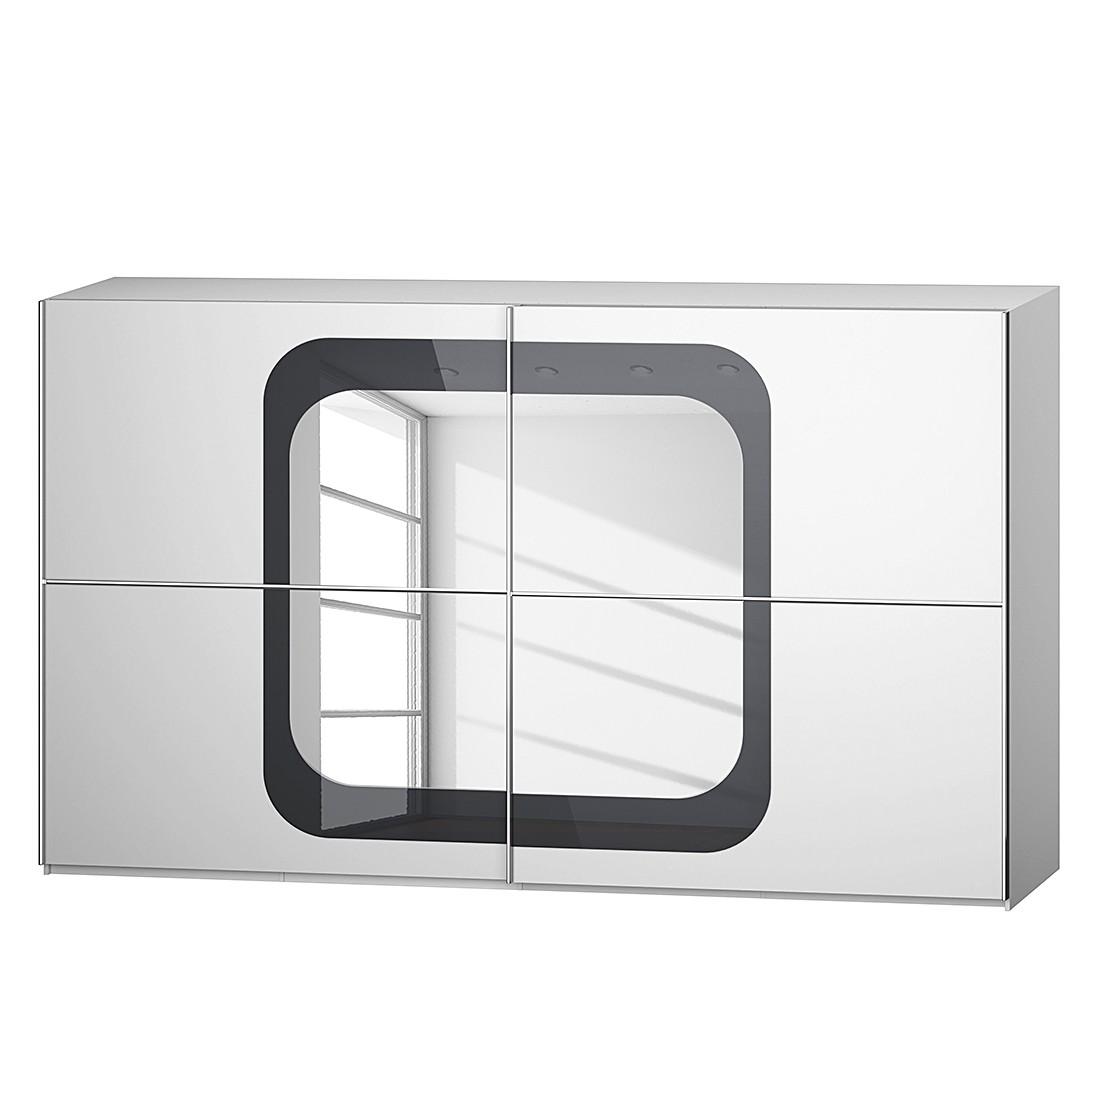 goedkoop Schuifdeurkast Lumos Alpinewit basaltkleurig glas 359cm 2 deurs 236cm Rauch Dialog